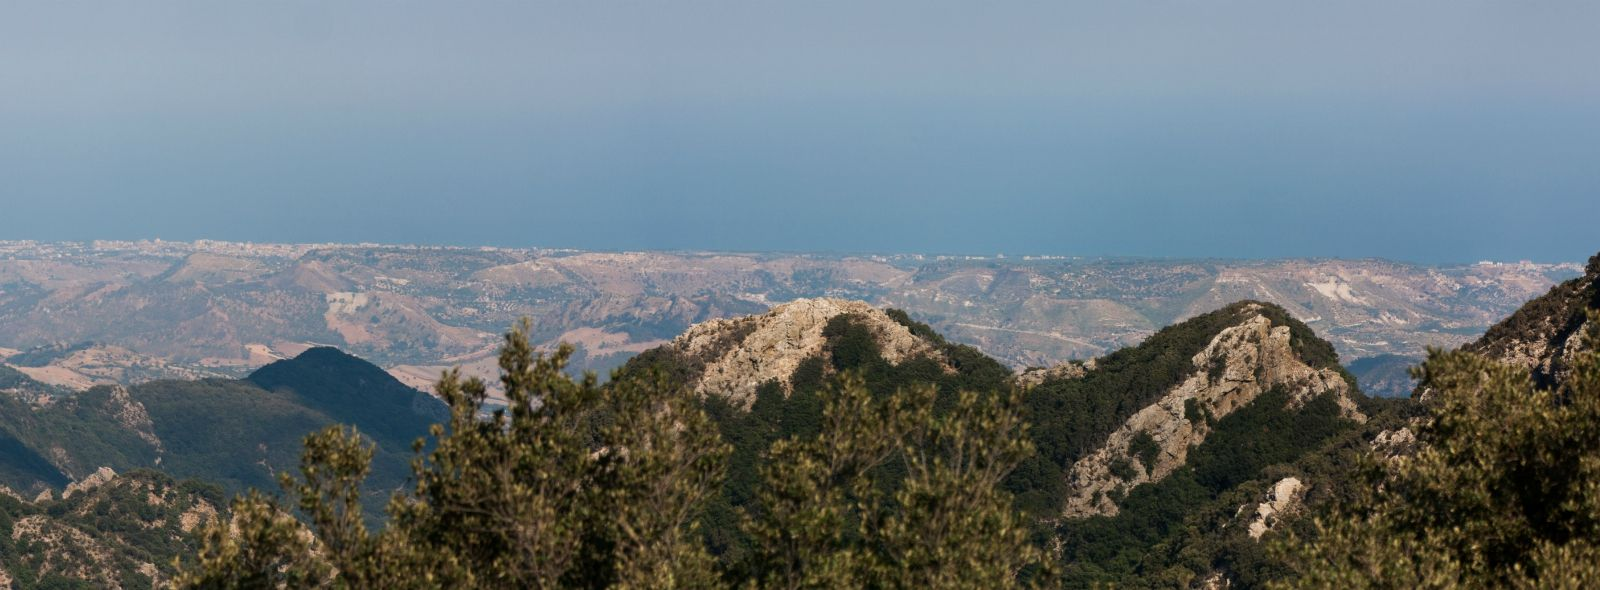 Parco nazionale dell'Aspromonte: cosa vedere